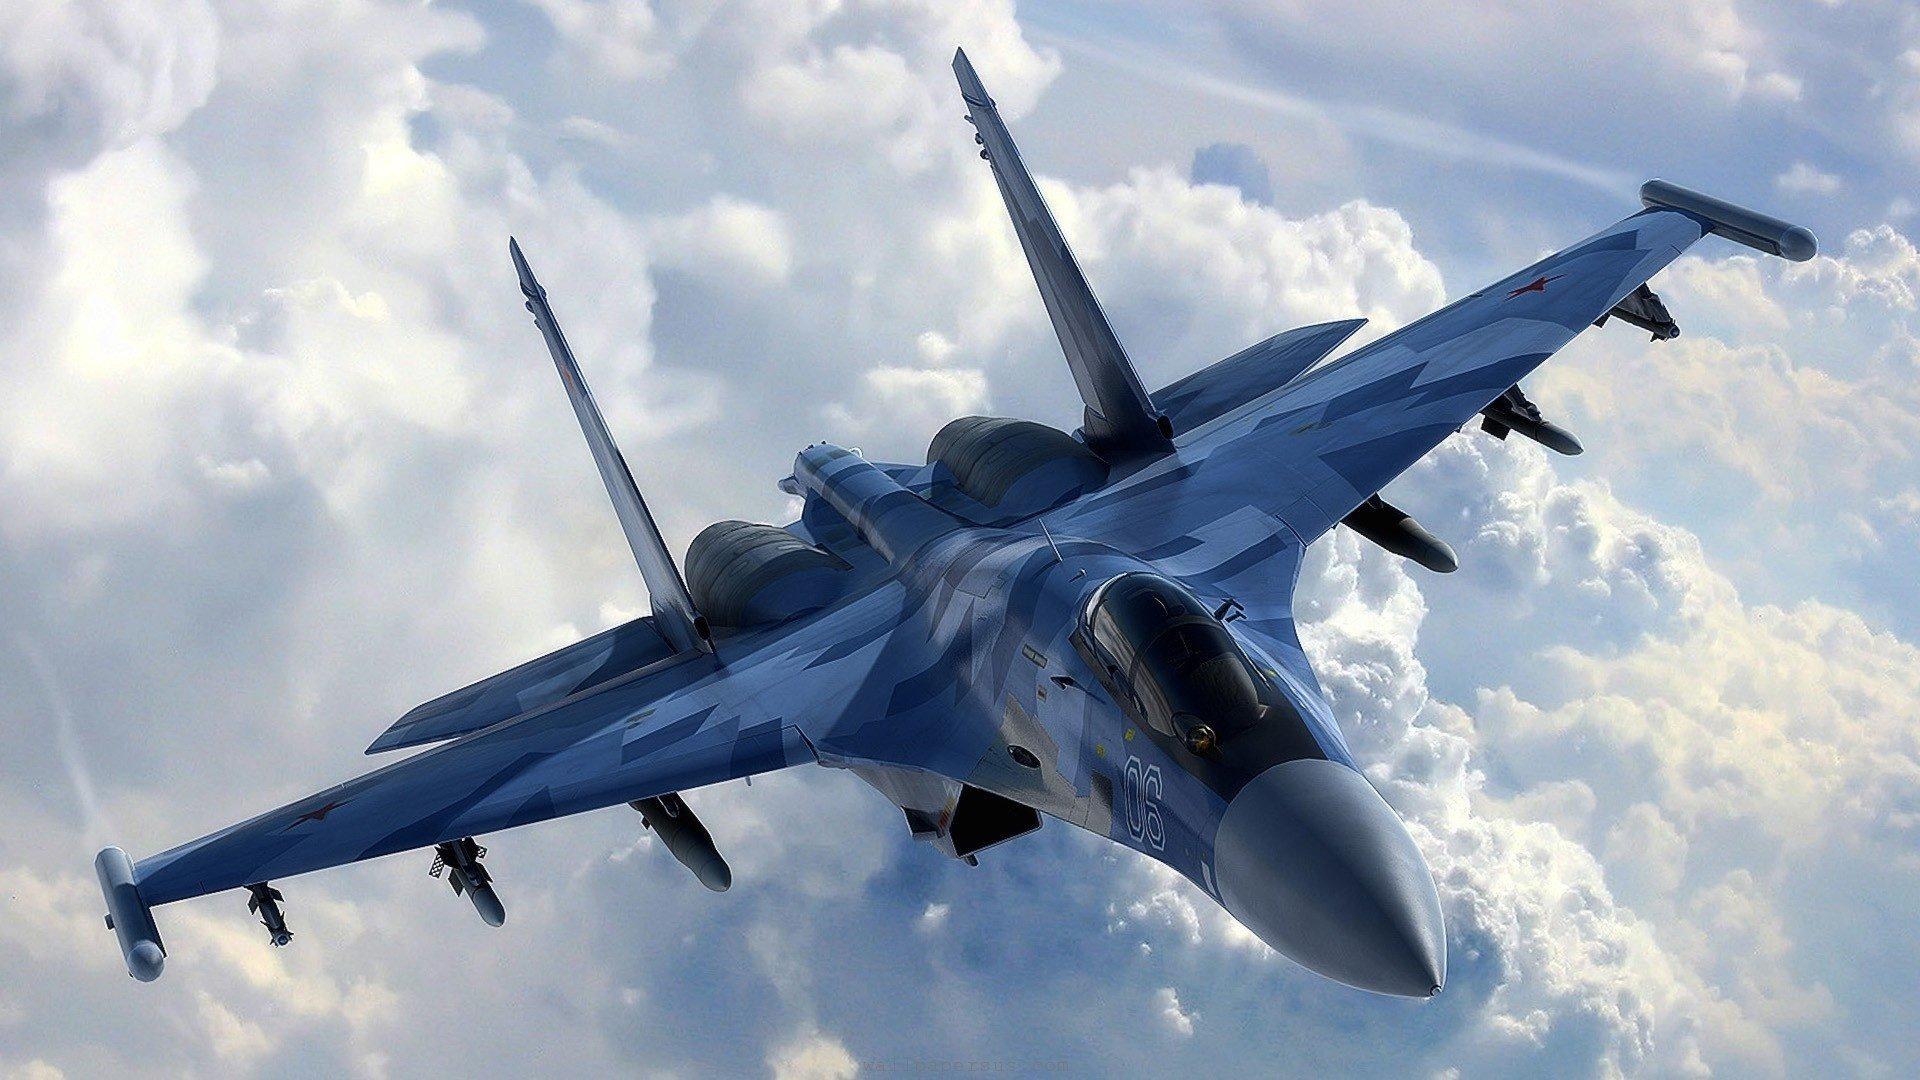 Militare - Sukhoi Su-35  Sfondo